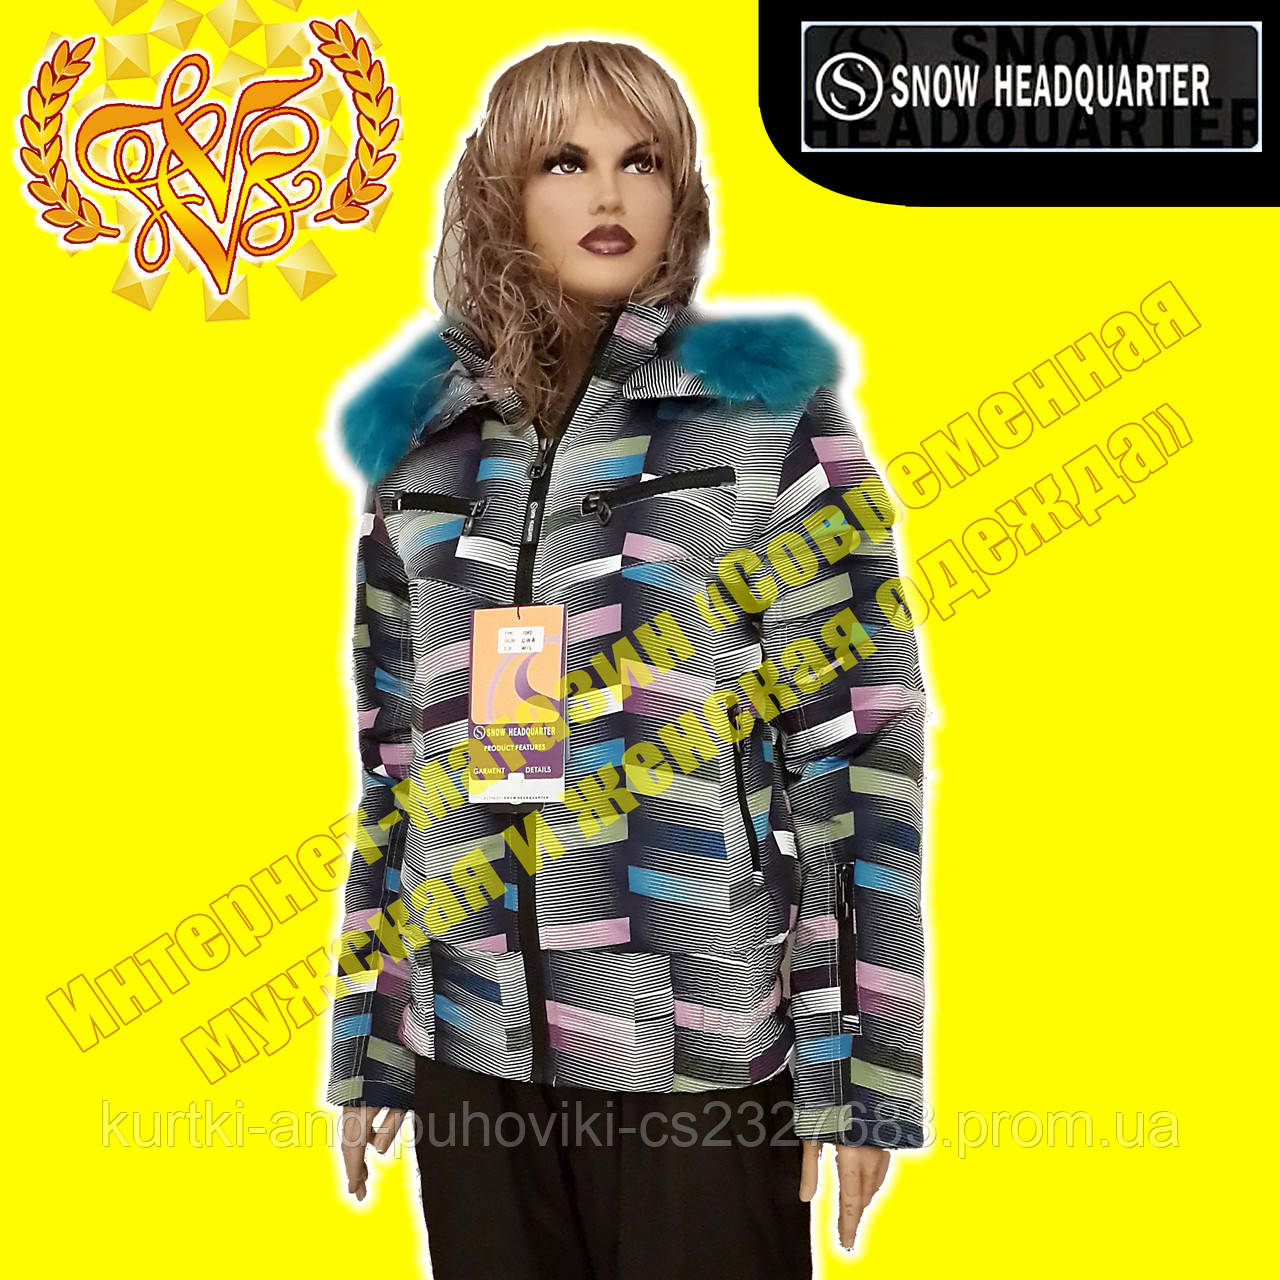 061895d2198 Женский горнолыжный костюм SNOW HEADQUARTER - Интернет-магазин «Современная  мужская и женская одежда»